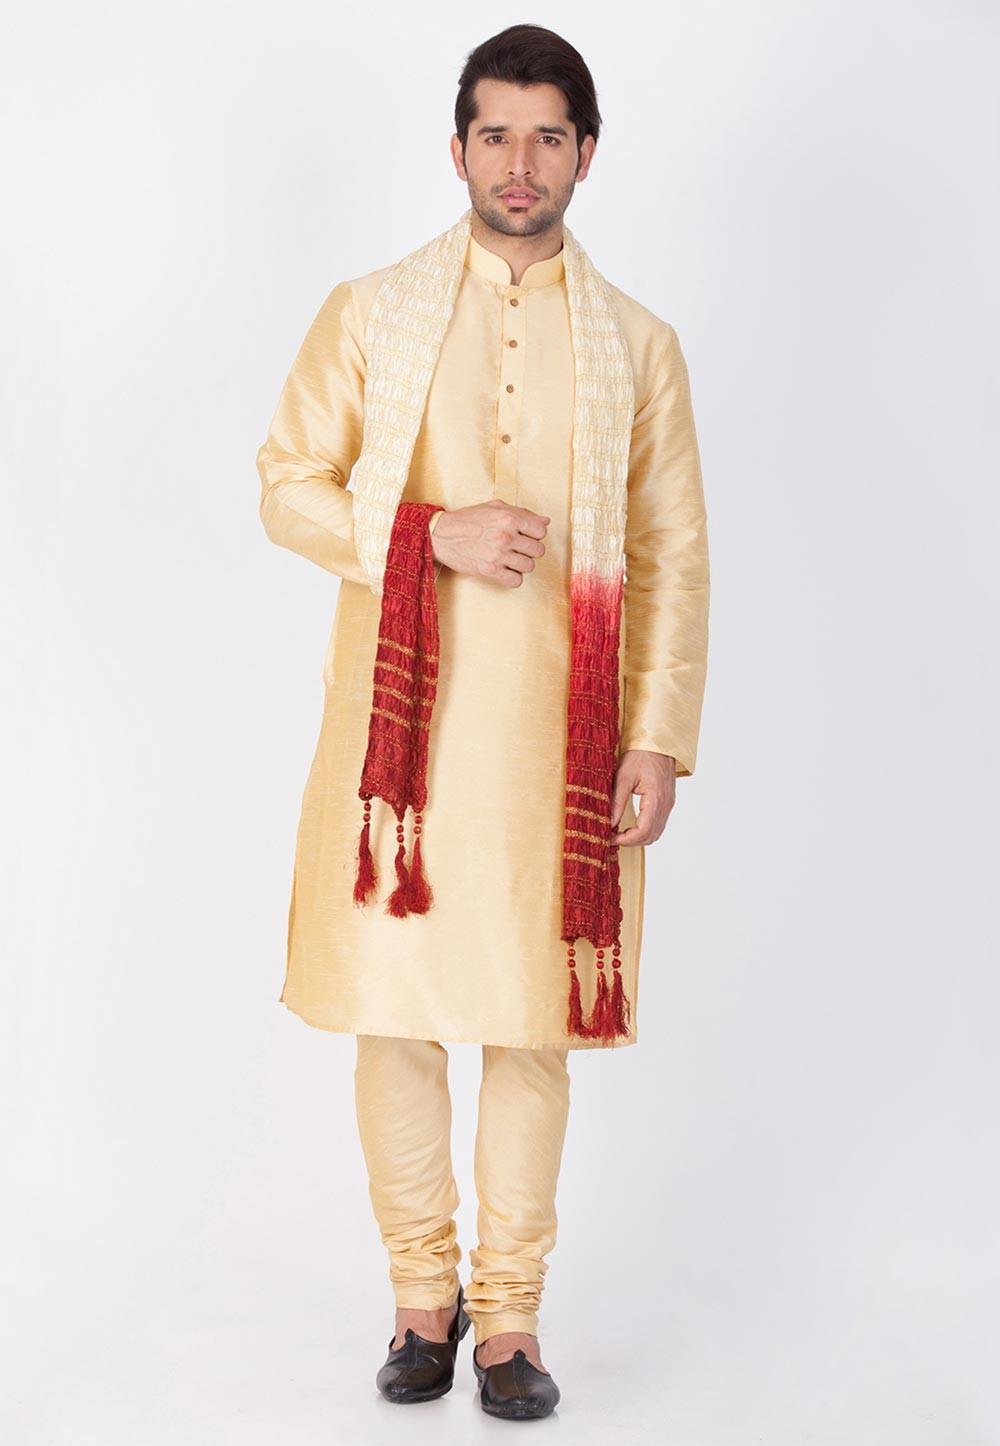 Exquisite Golden Color Kurta Pajama.